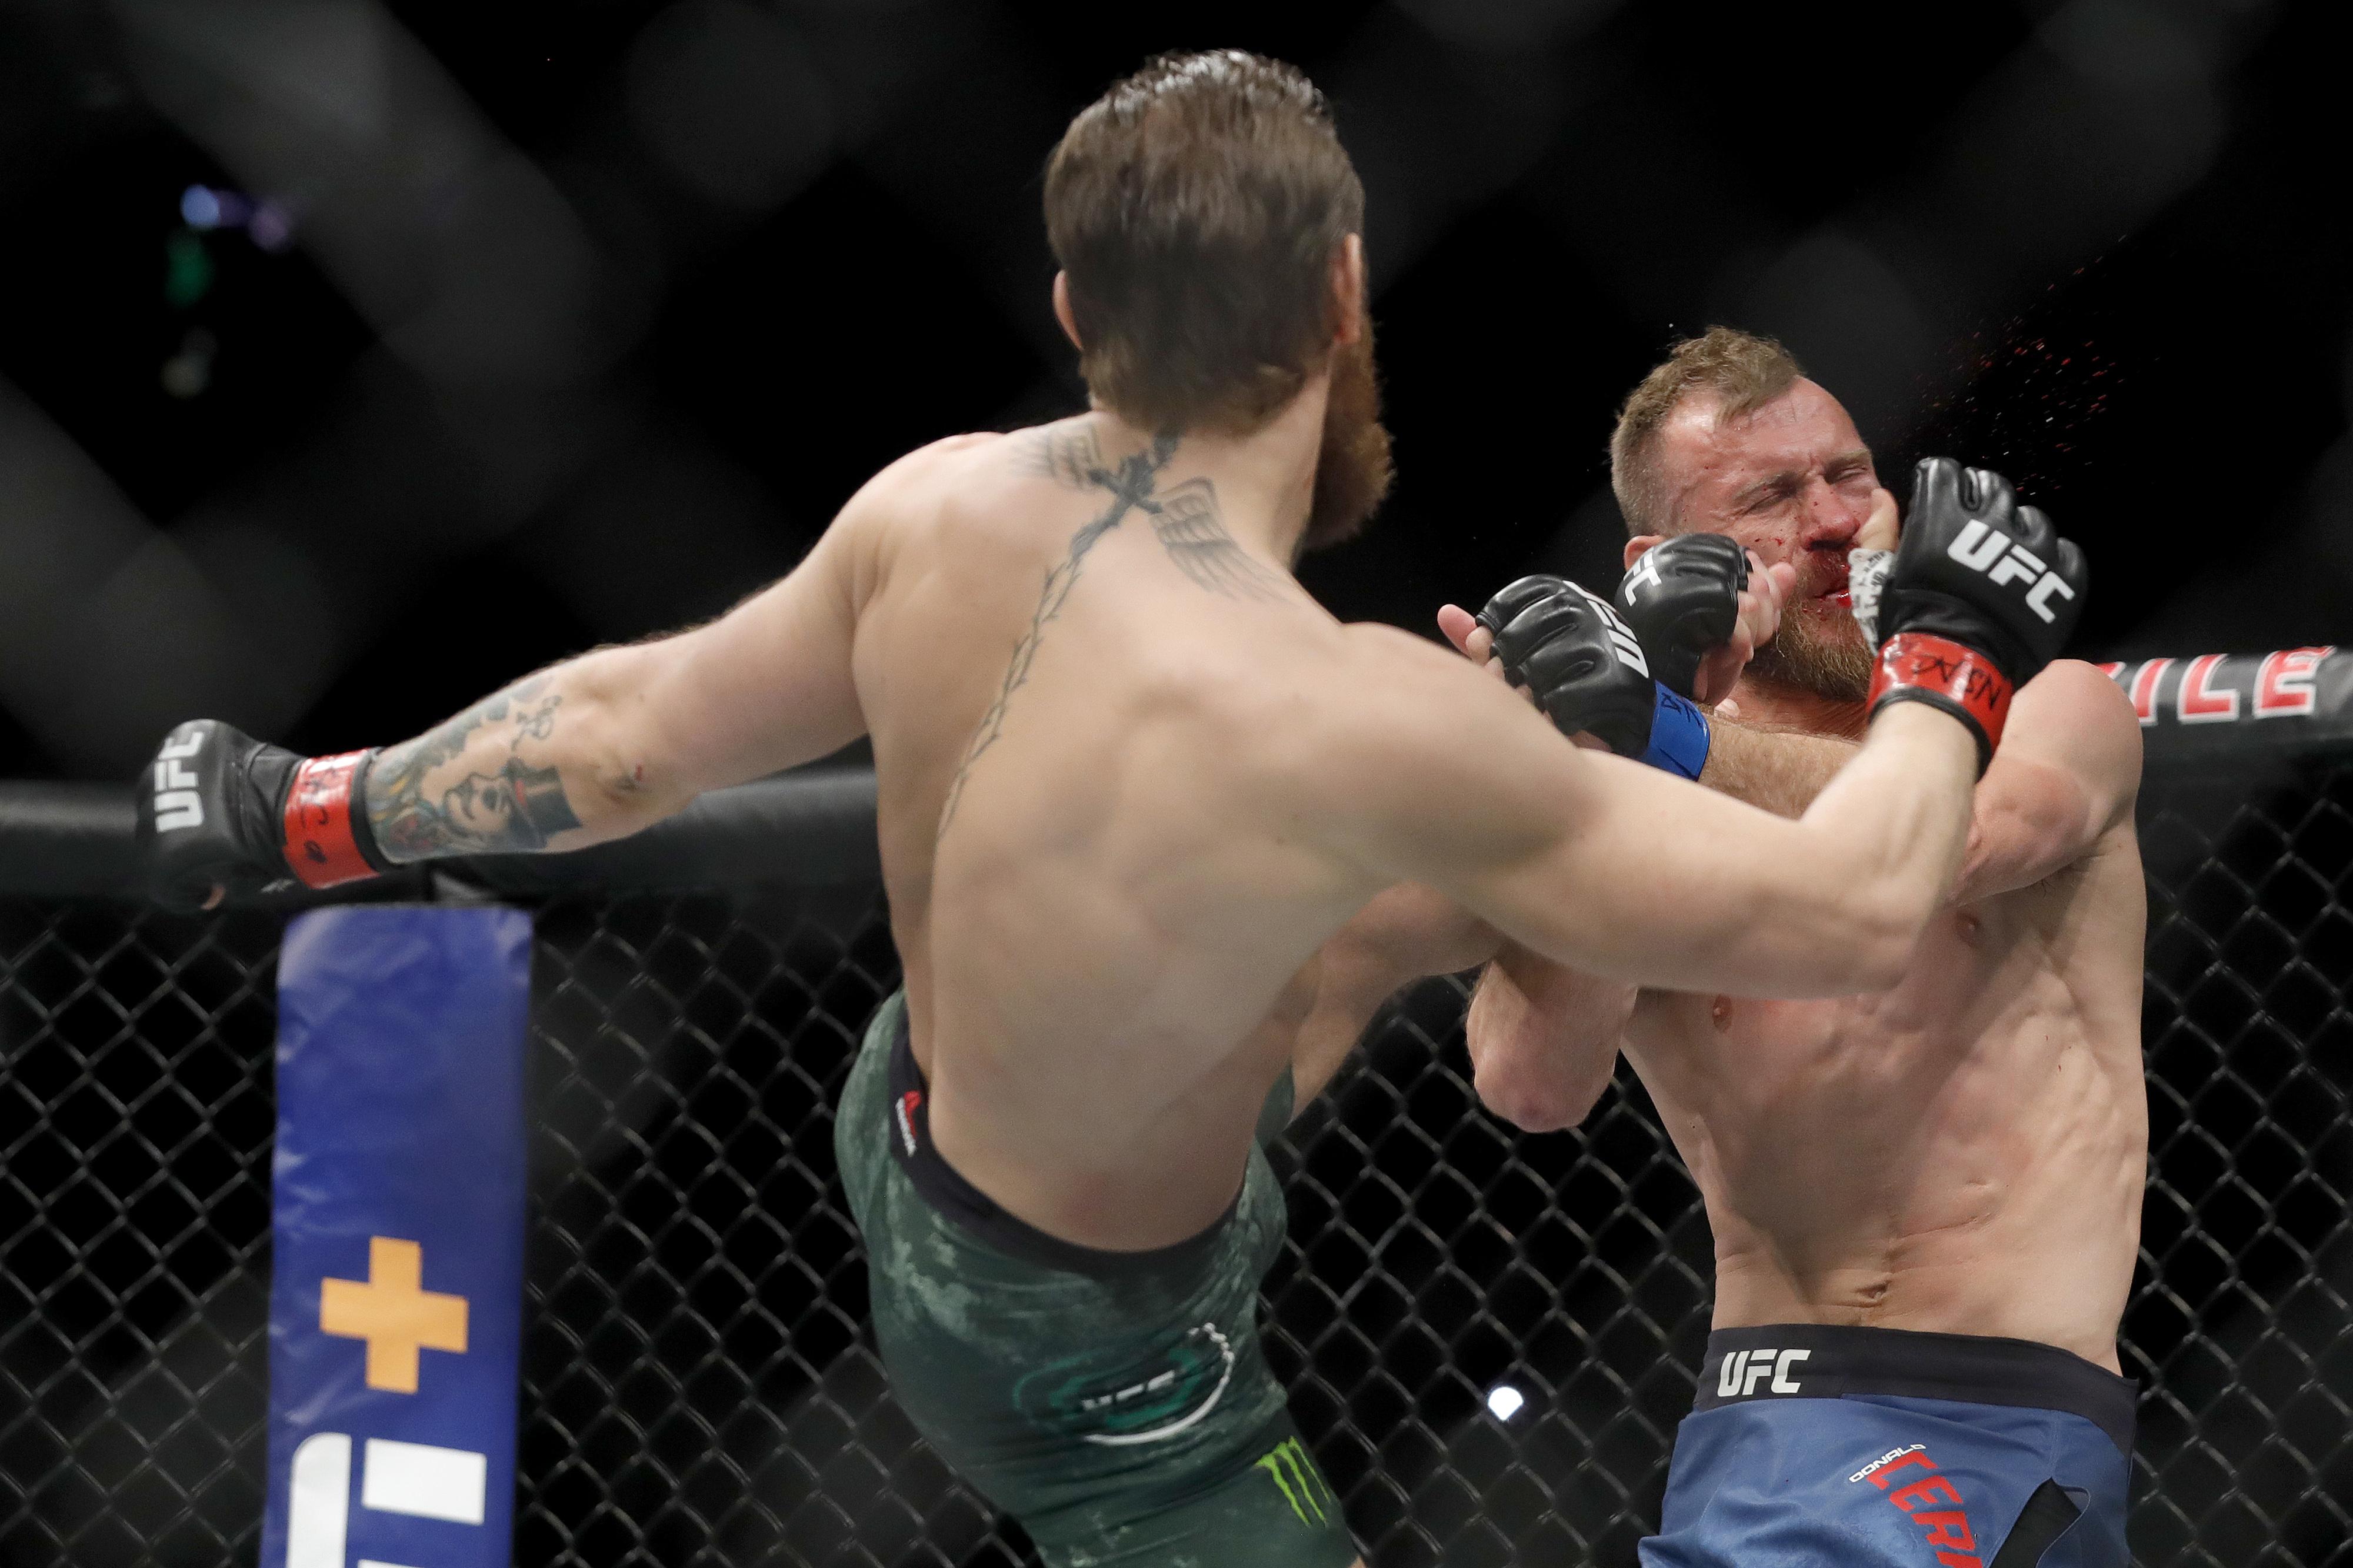 FOTOS: As melhores imagens do triunfo de Conor McGregor em 40 segundos